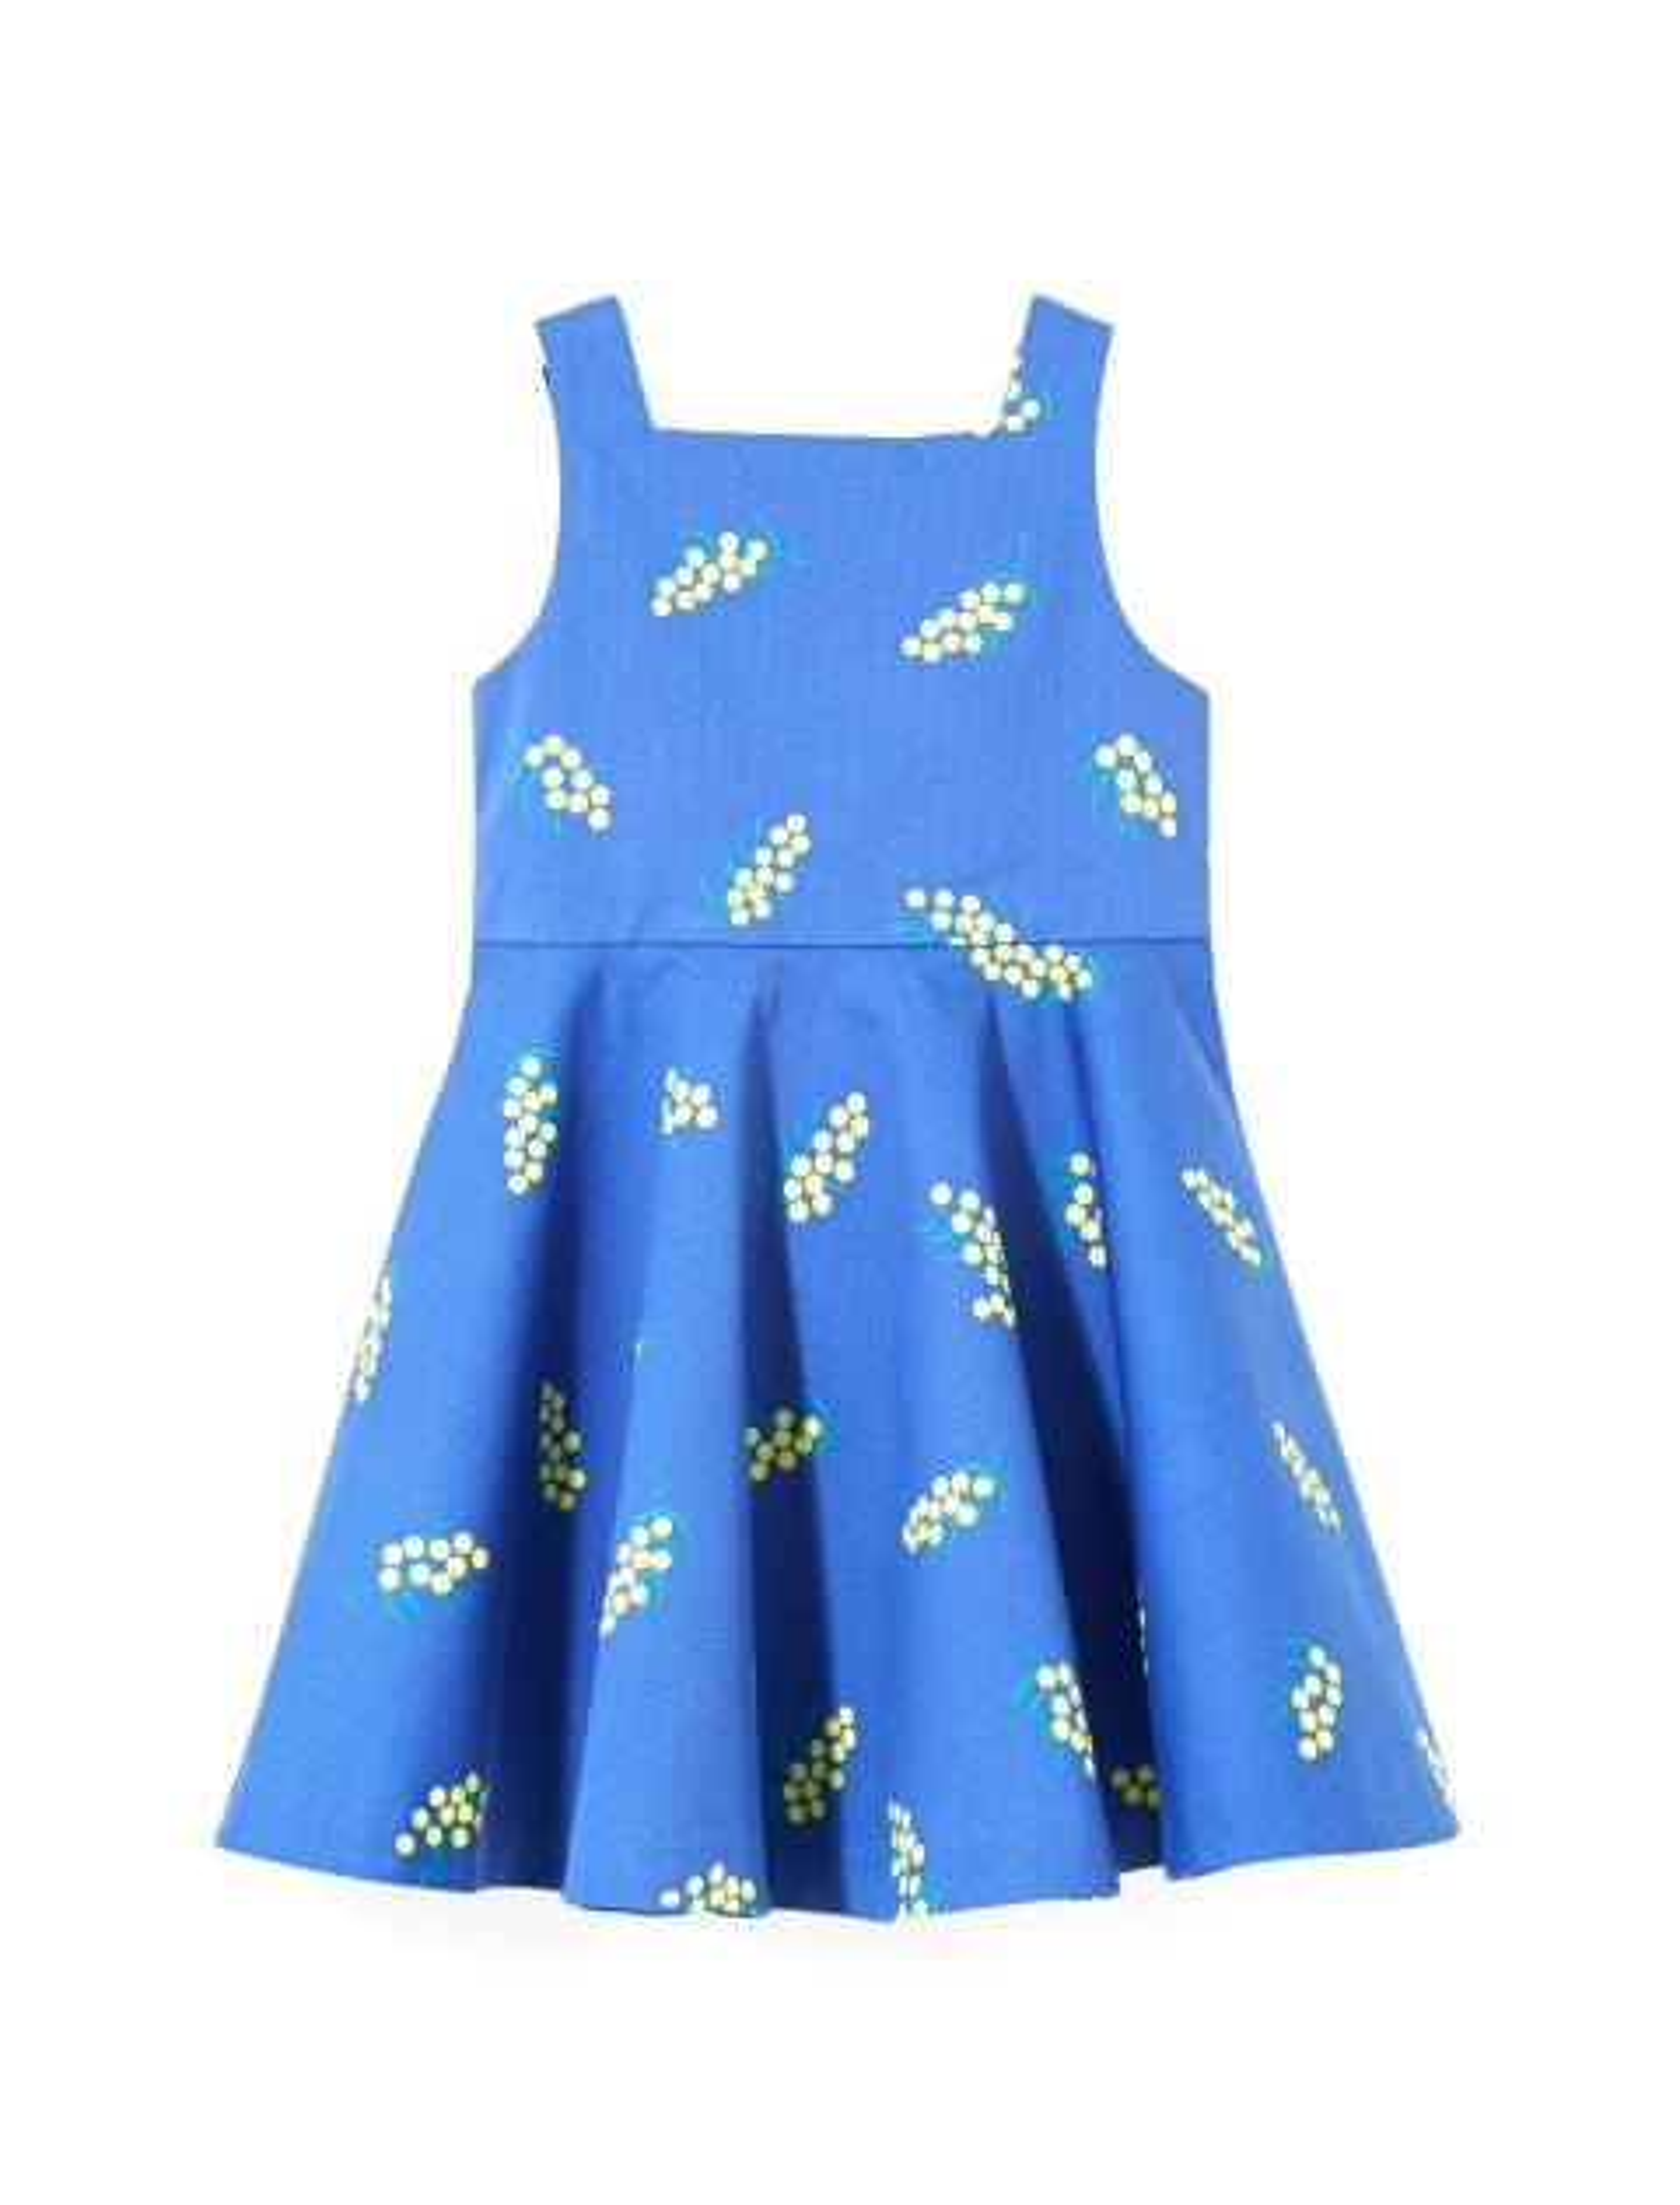 پیراهن نخی روزمره دخترانه Lariac - جاکادی - آبي  - 1